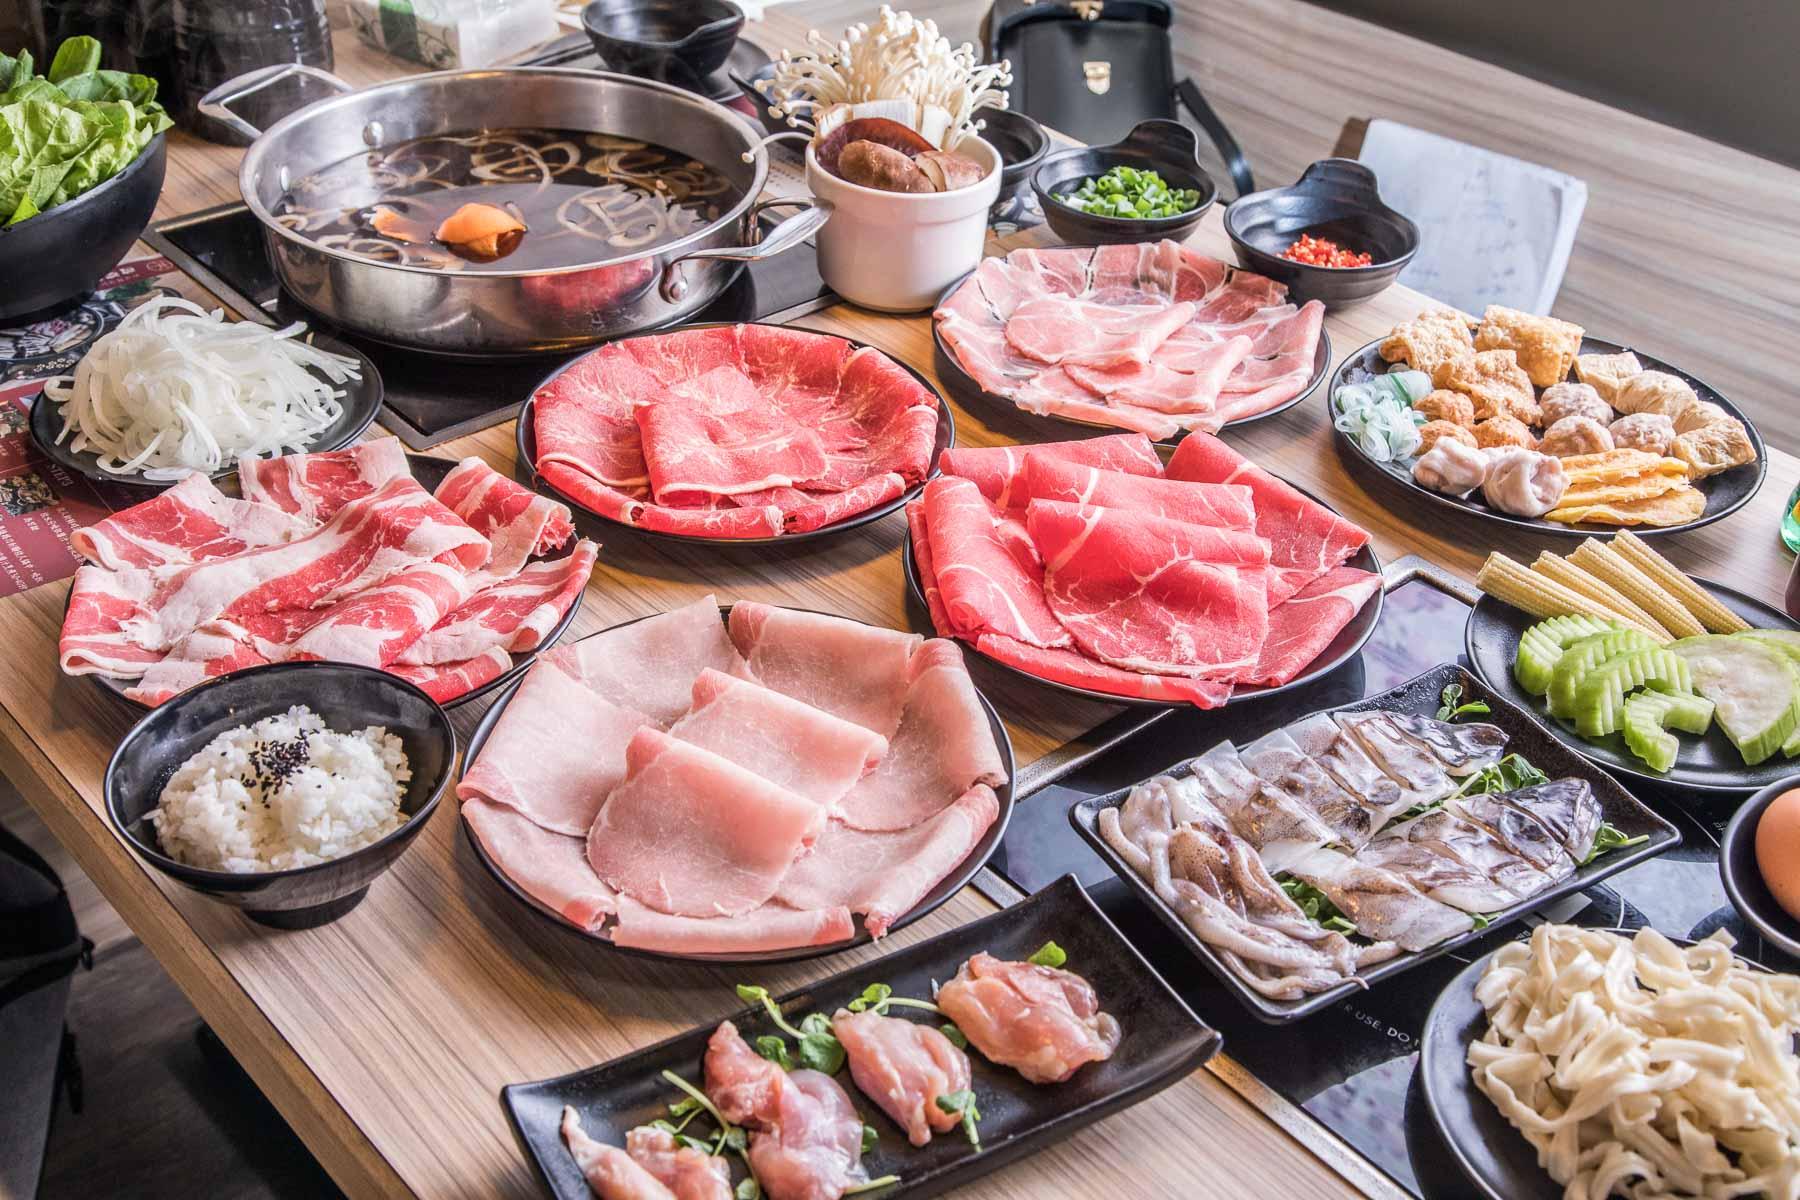 [桃園美食]來吧,大家一起幸福肥!399元壽喜燒吃到飽!肉肉、湯頭都非常可以!三本亭壽喜燒